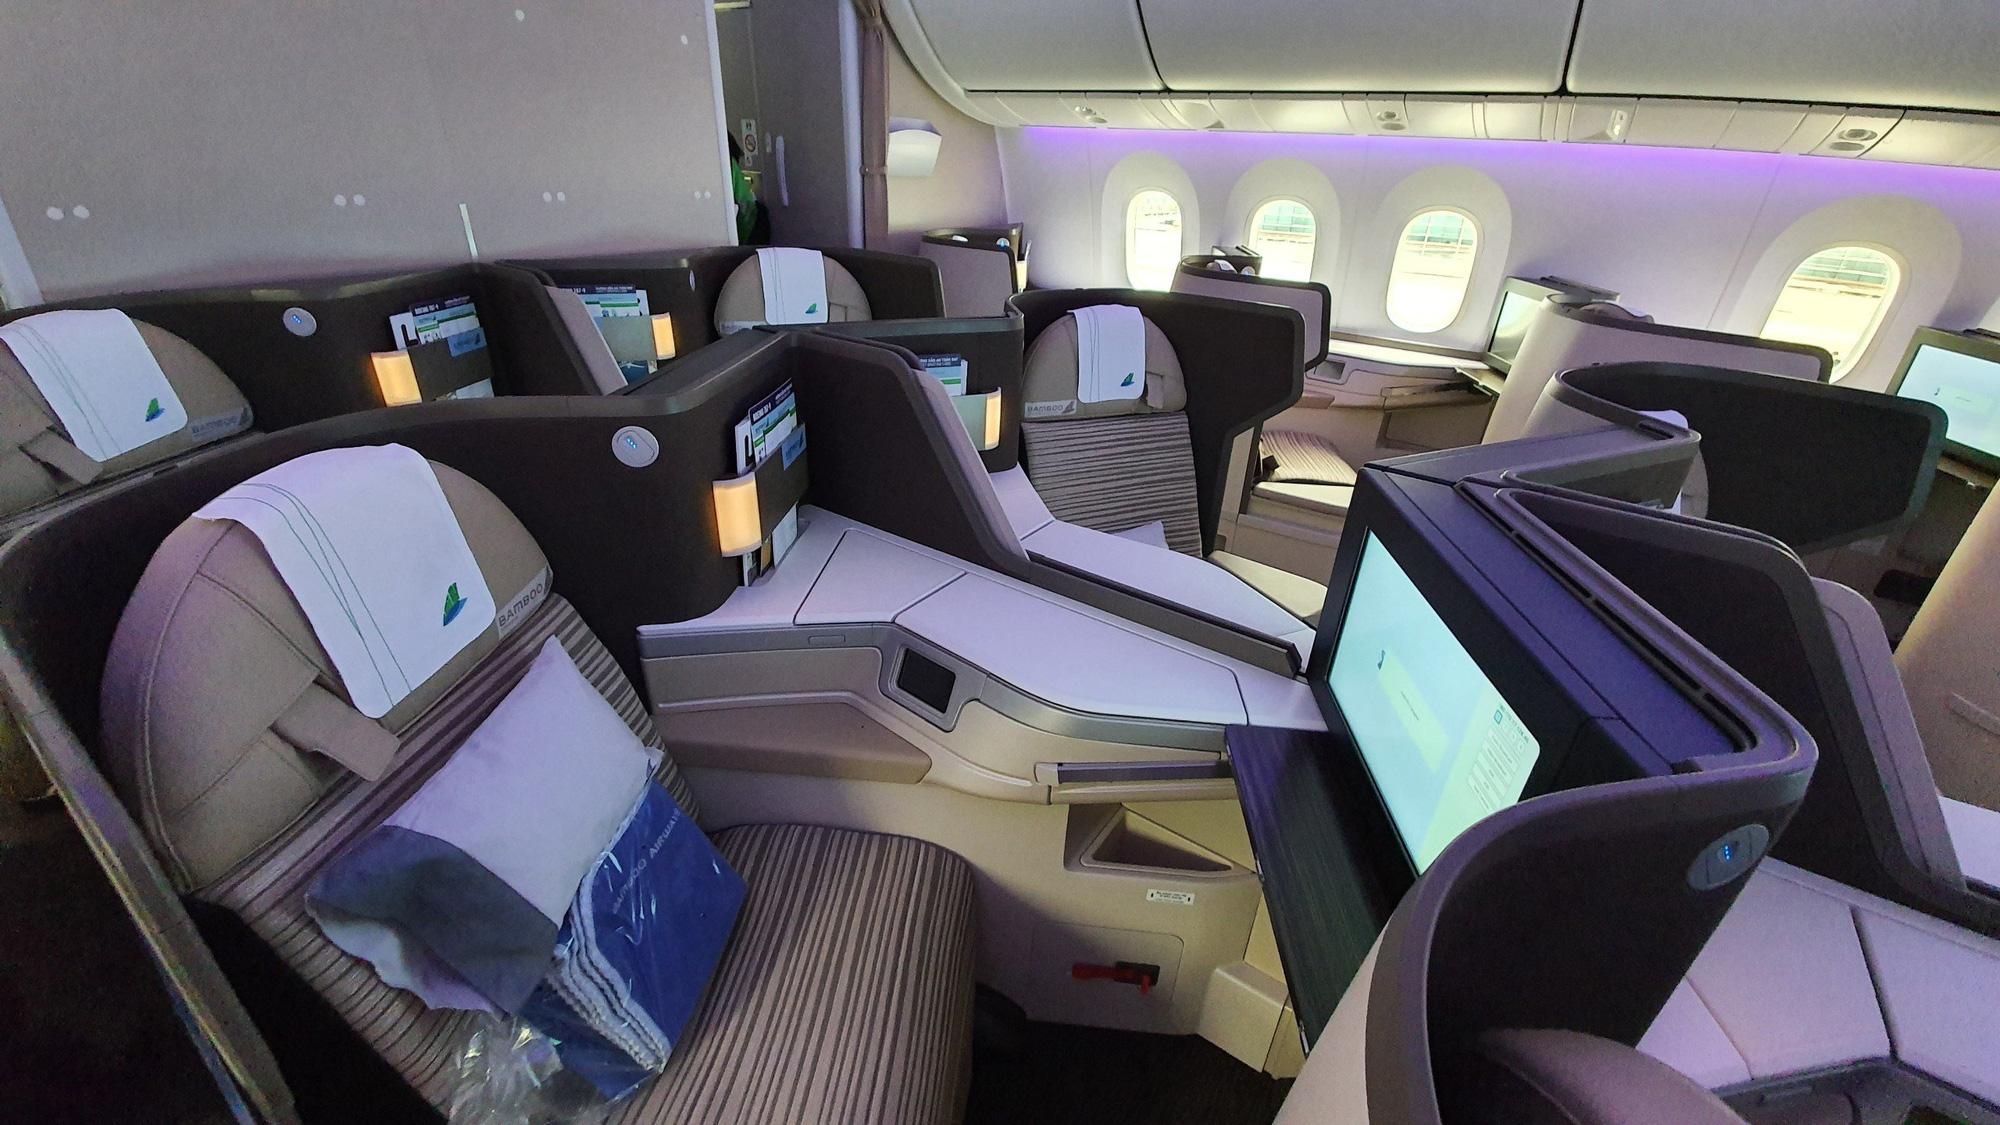 Cận cảnh siêu máy bay thân rộng Boeing 787-9 đầu tiên của Bamboo Airways - Ảnh 4.